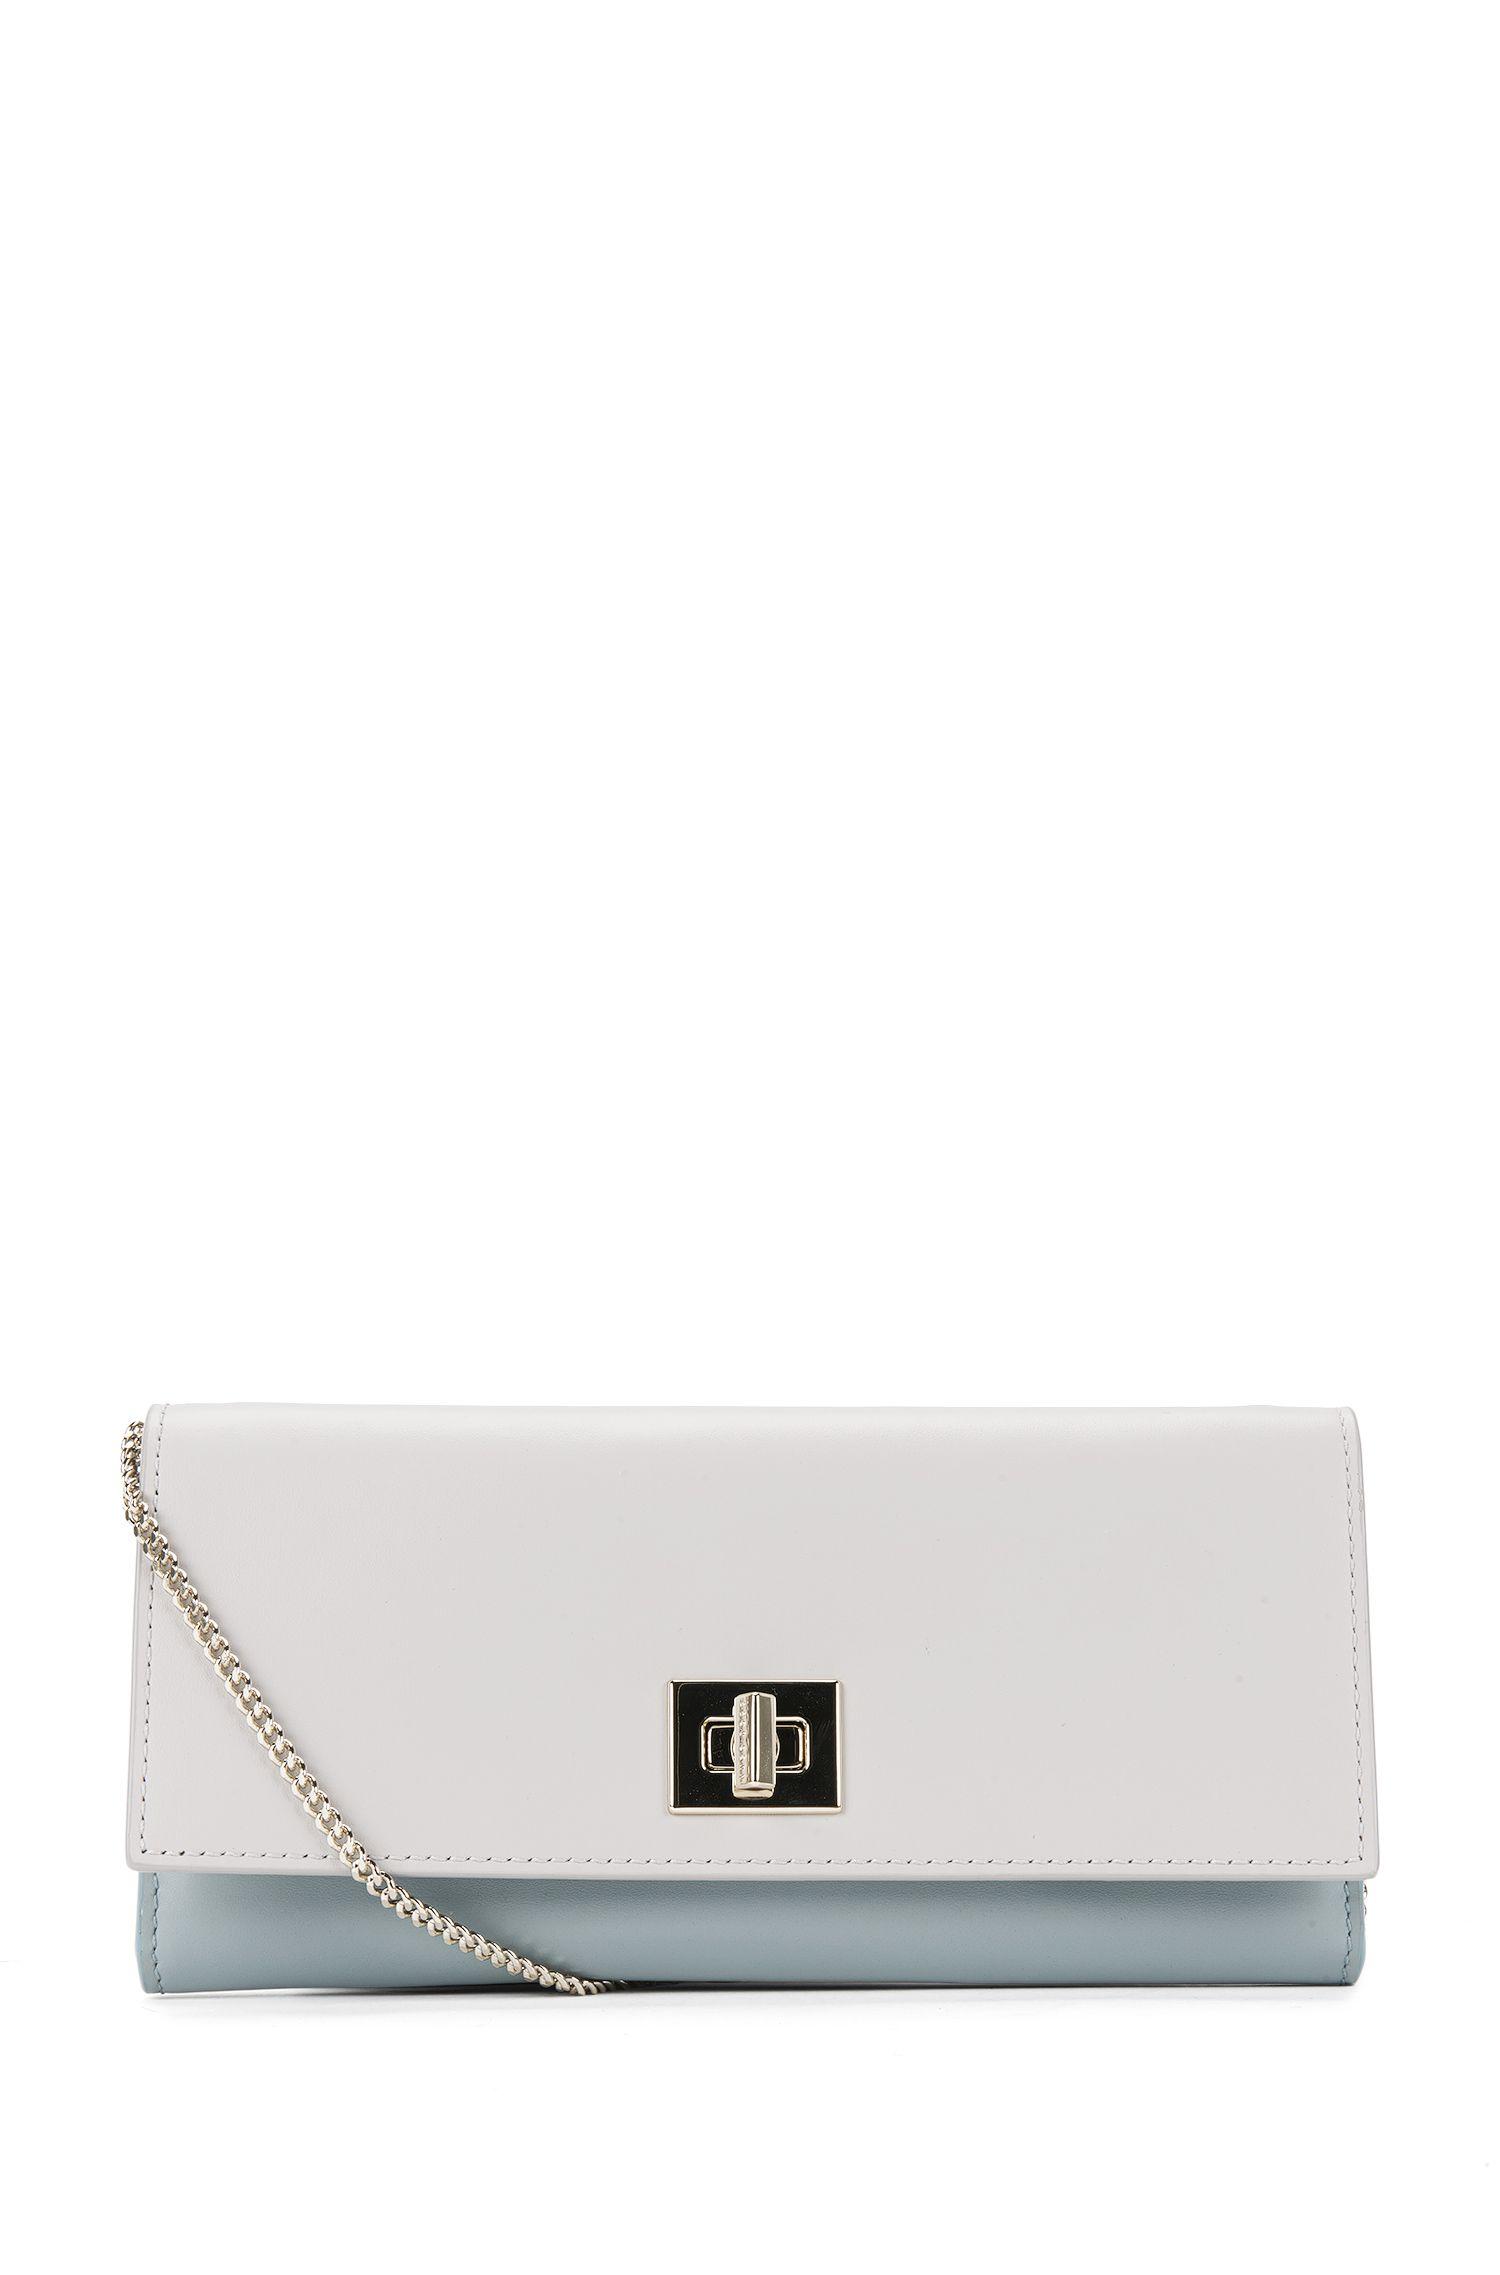 'Bespoke Cont-B'   Calfskin Clutch Wallet, Chain Strap